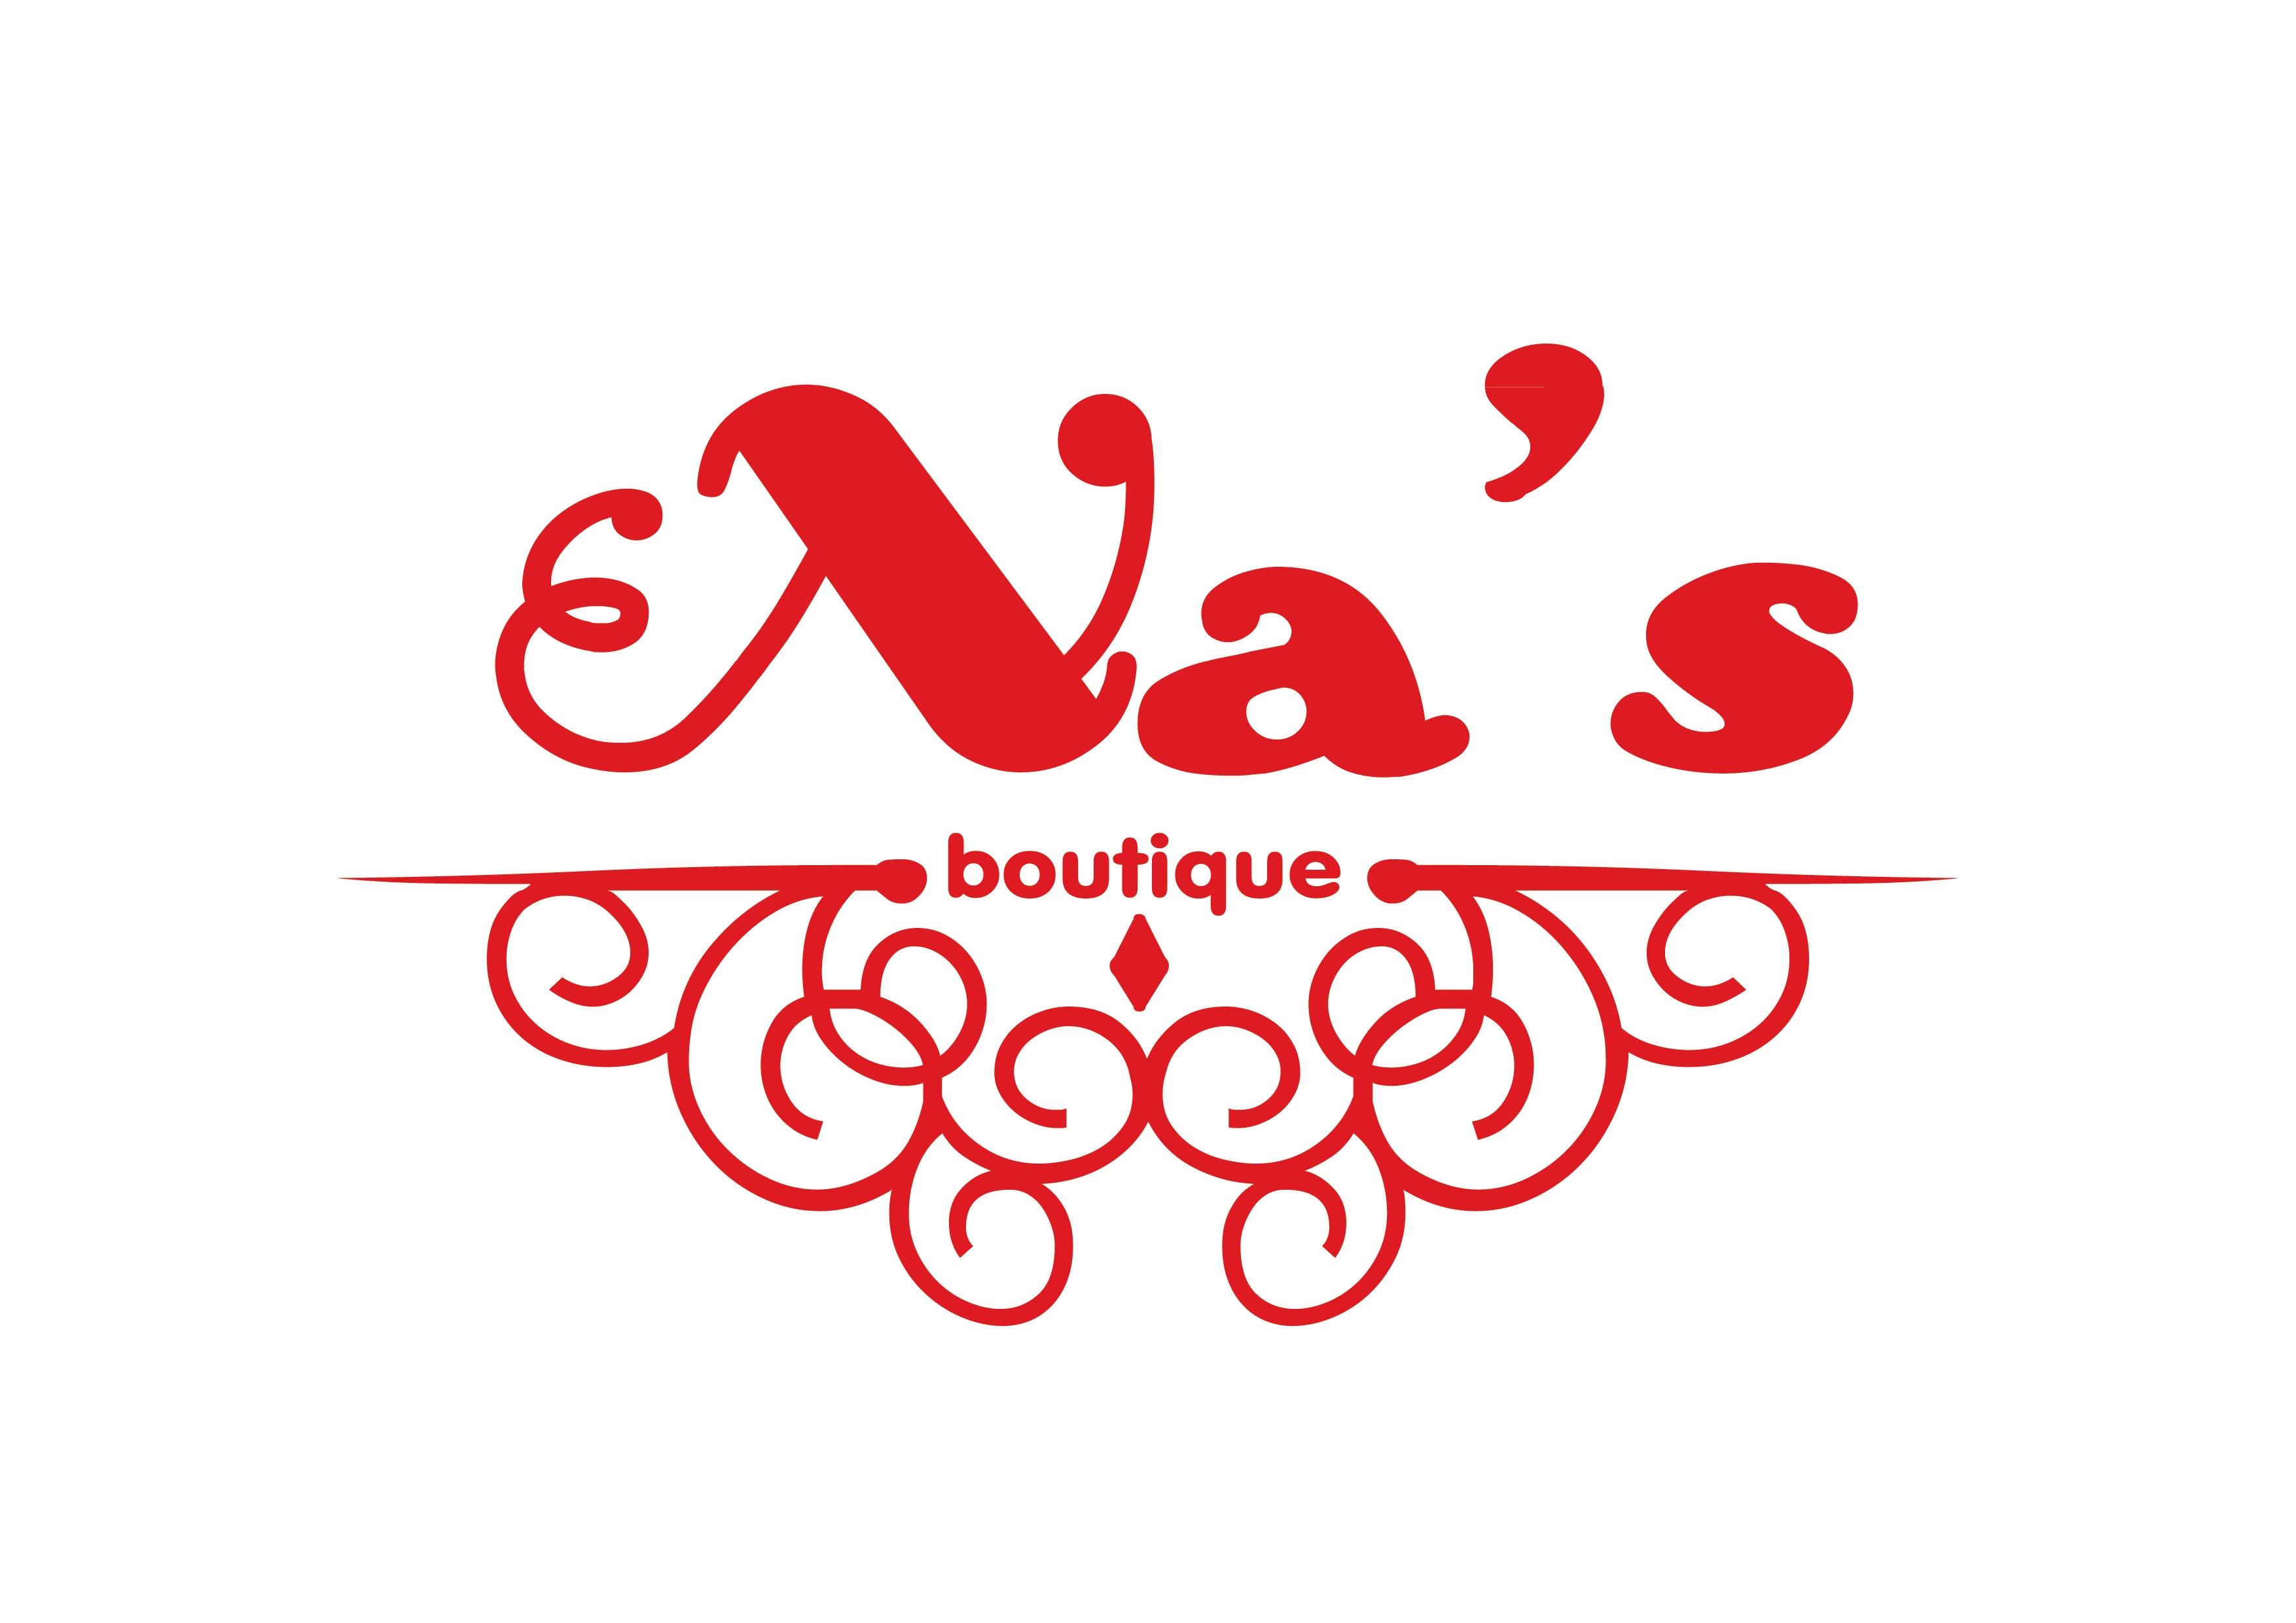 Na s boutique logo-02